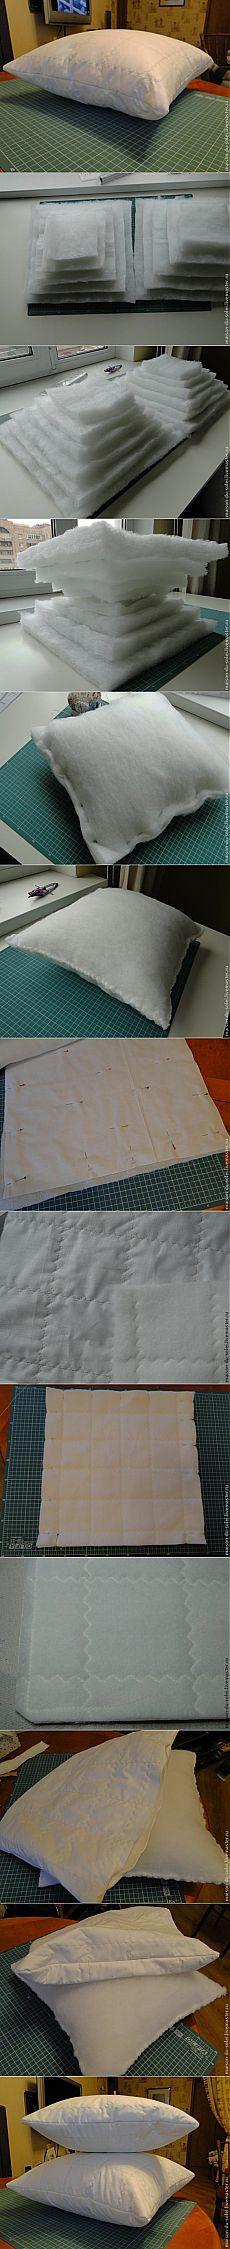 Cómo coser una almohada.